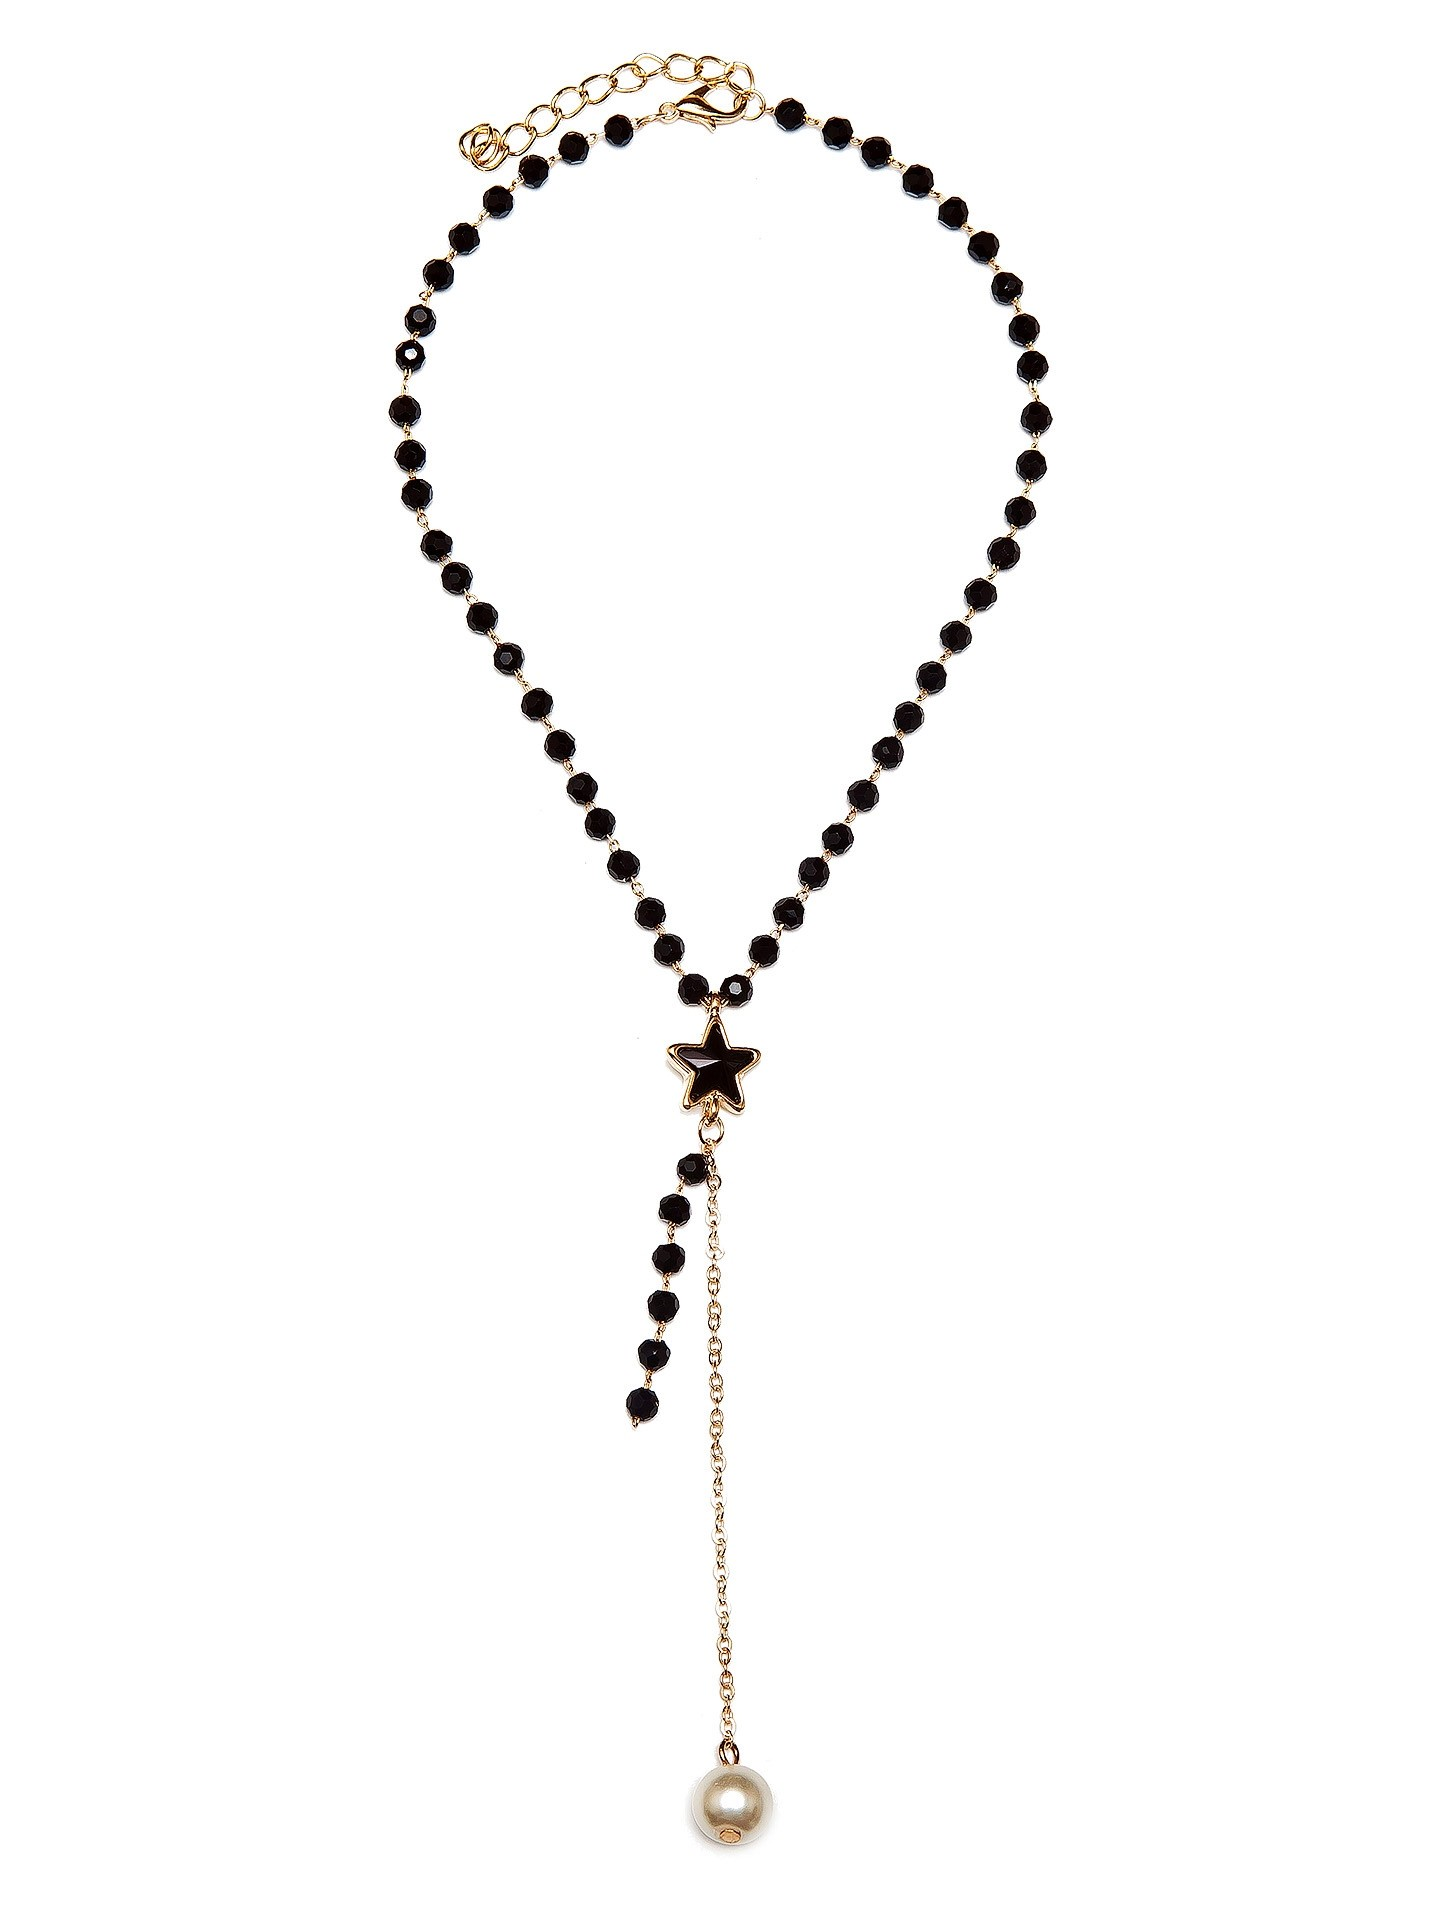 Колье Aiyony Macie, NC800136, черный, золотойNC800136Размер 30+5 х 04 см, размер украшения 11 х 1,3 см. Состав: сплав на основе латуни, кристаллы, акрил